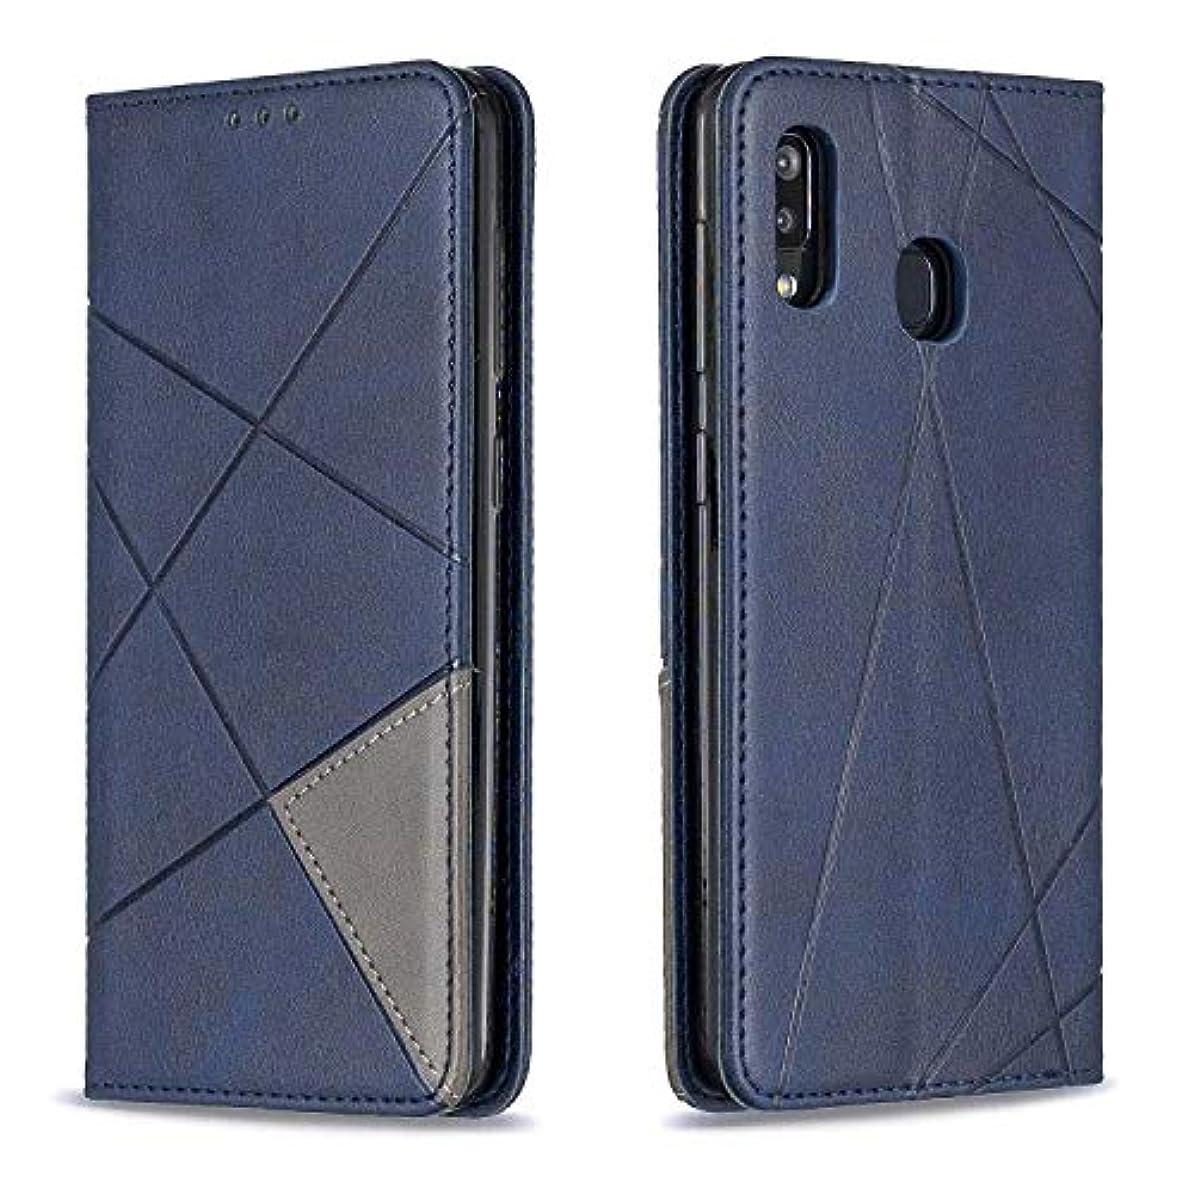 物理的に採用プレビスサイトCUSKING Galaxy A30 / A20 ケース, 高級 Samsung Galaxy A30 / A20 手帳型 スマホケース, PUレザー フリップ ノート型 カード収納 付き保護ケース, ブルー